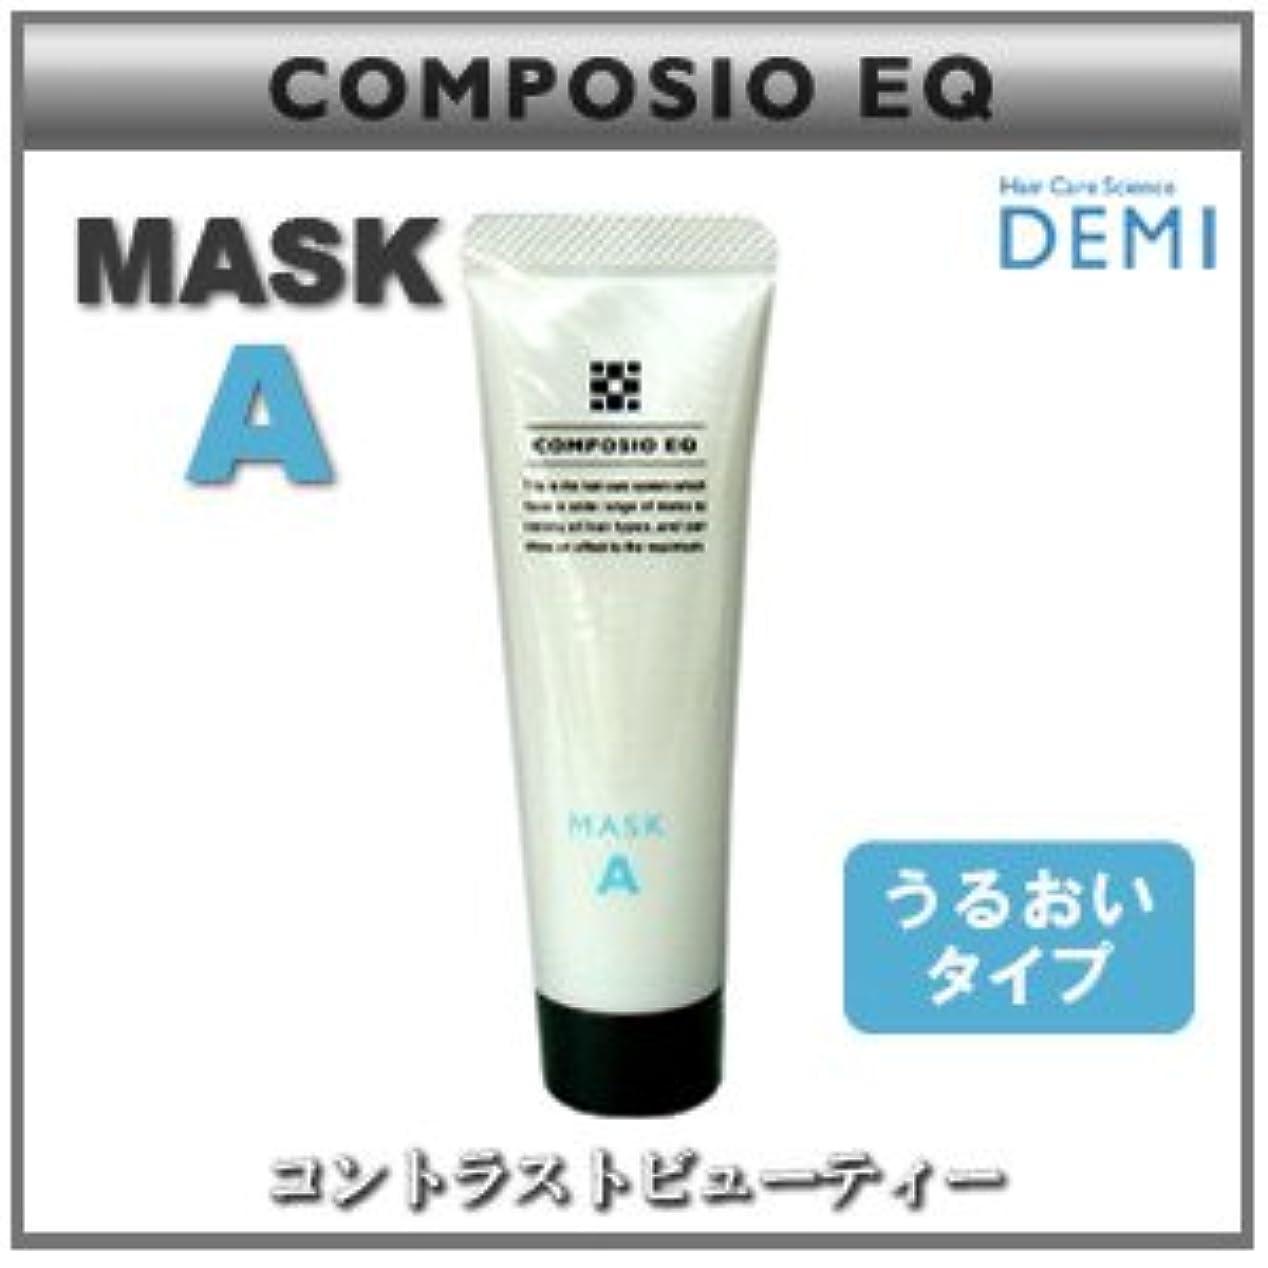 高いレポートを書くオプション【X2個セット】 デミ コンポジオ EQ マスク A 50g